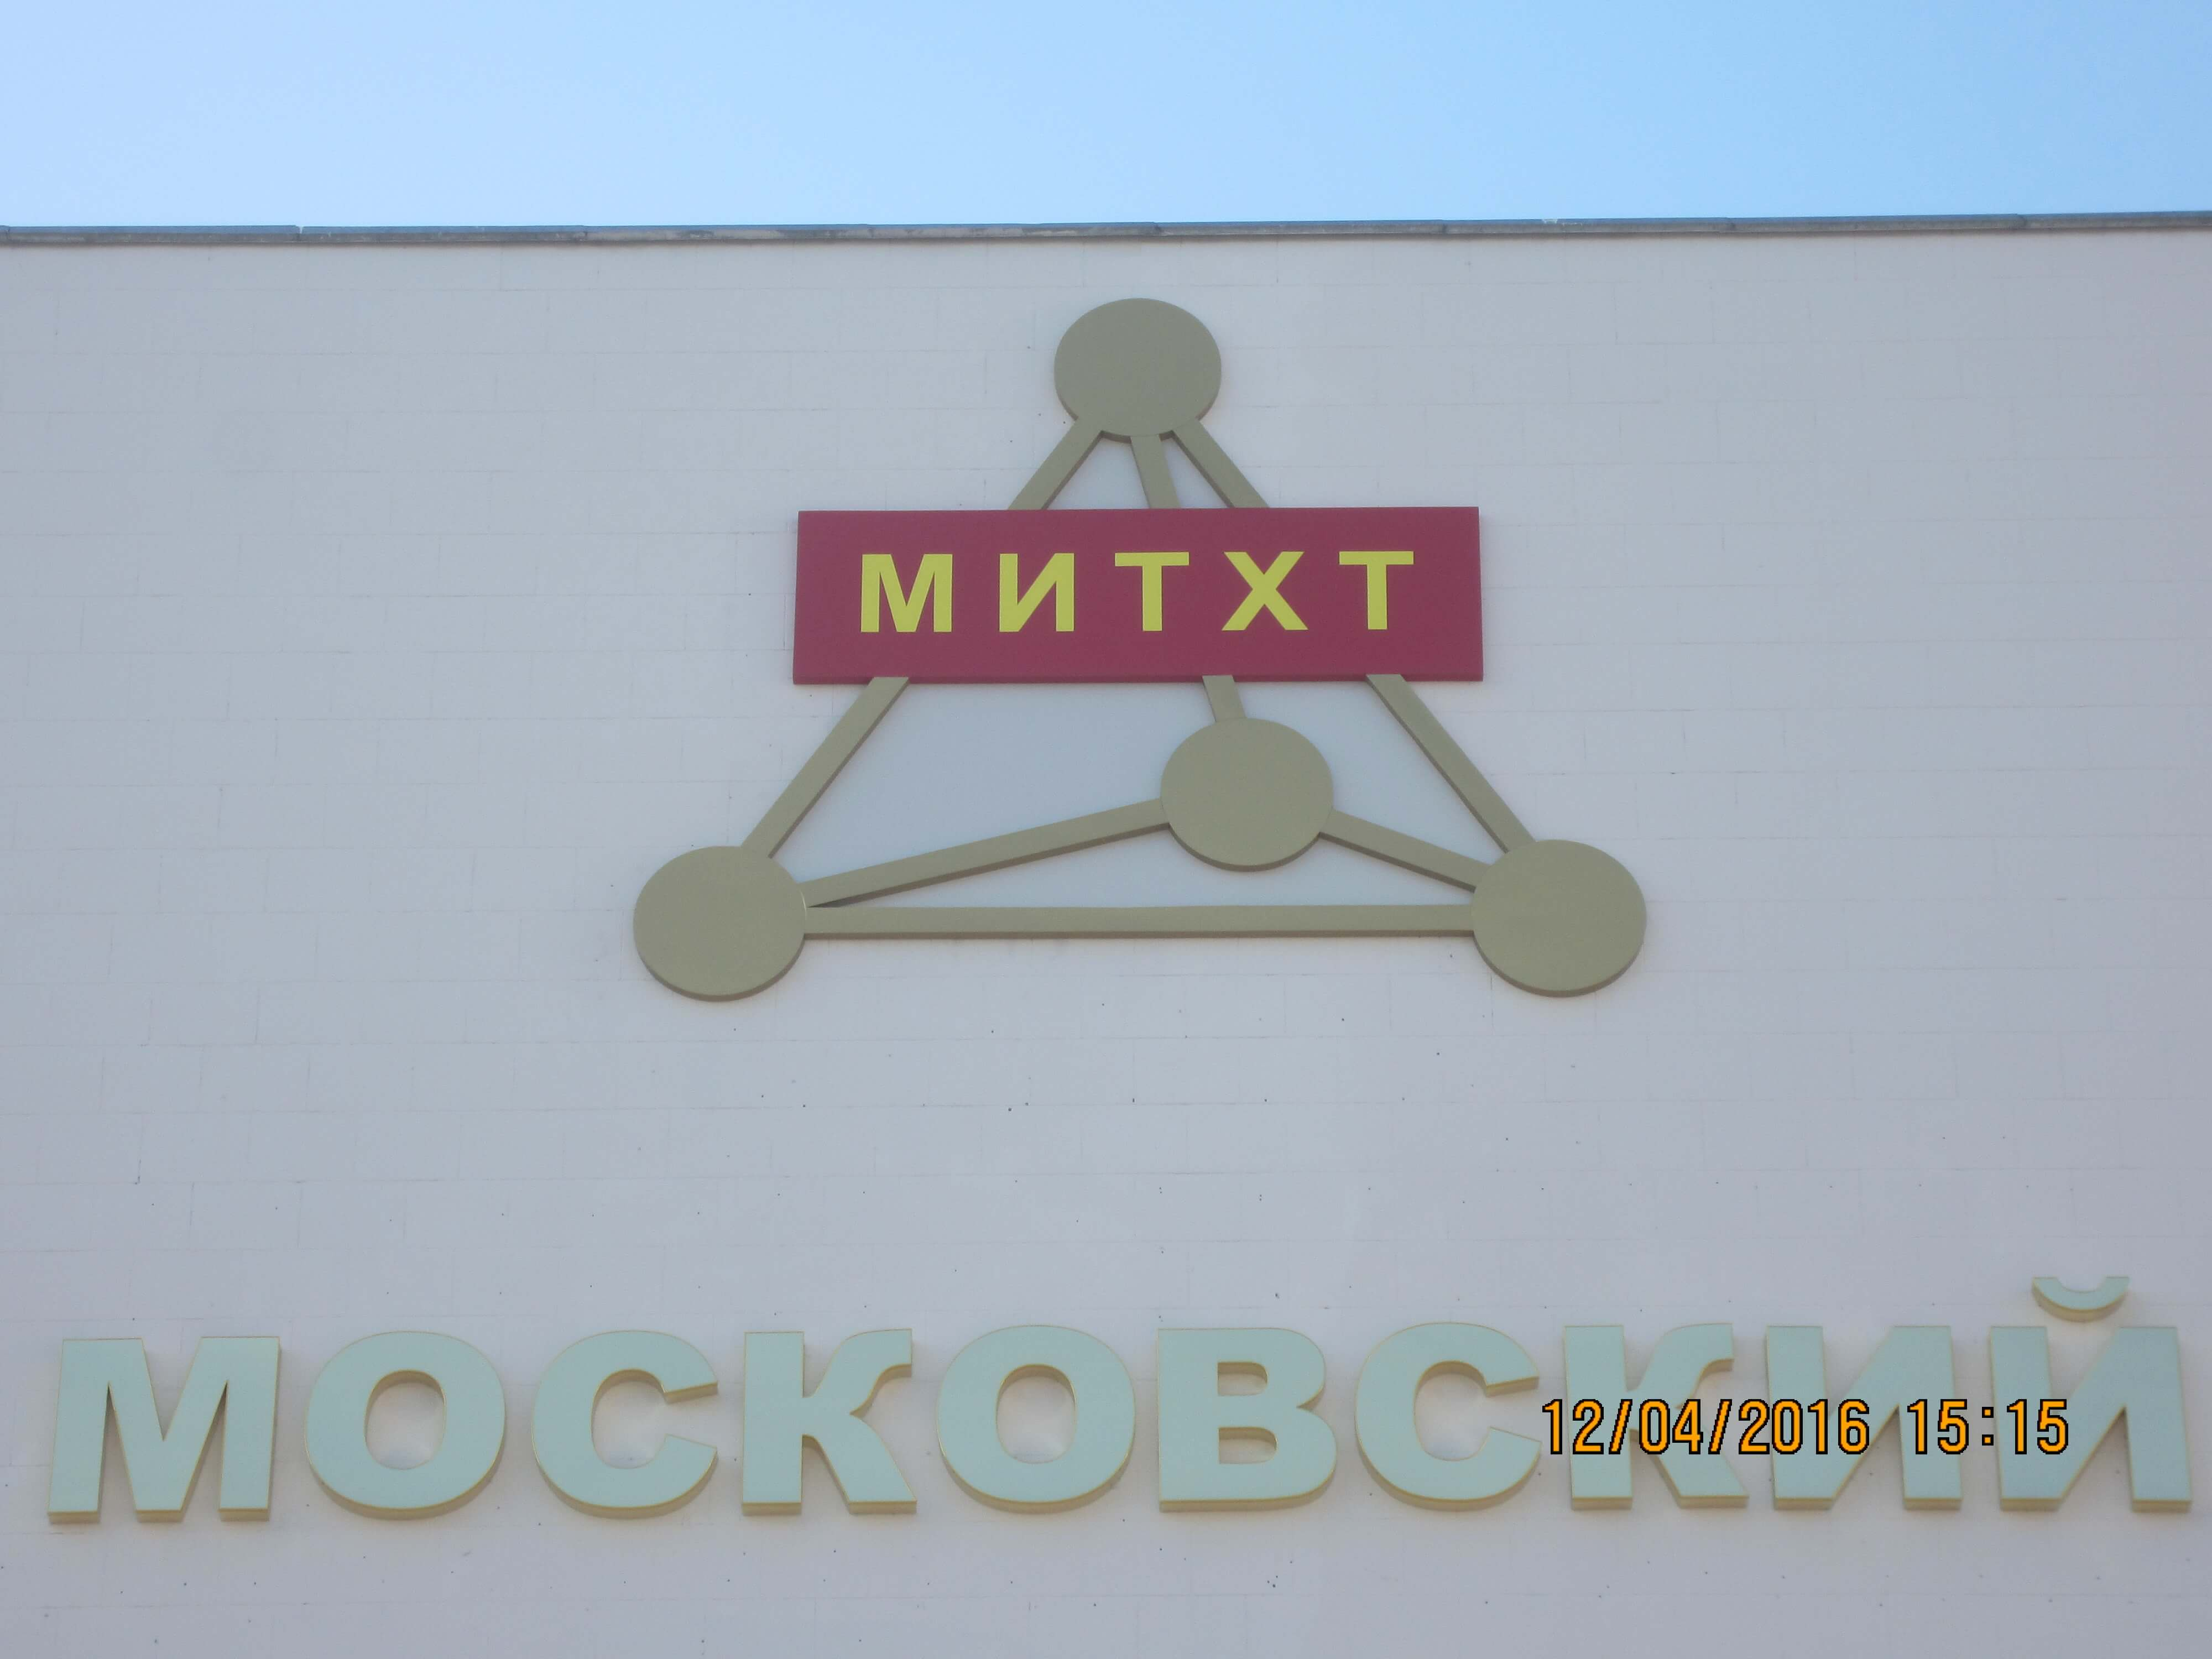 Логотип МИТХТ объёмный не световой (2)